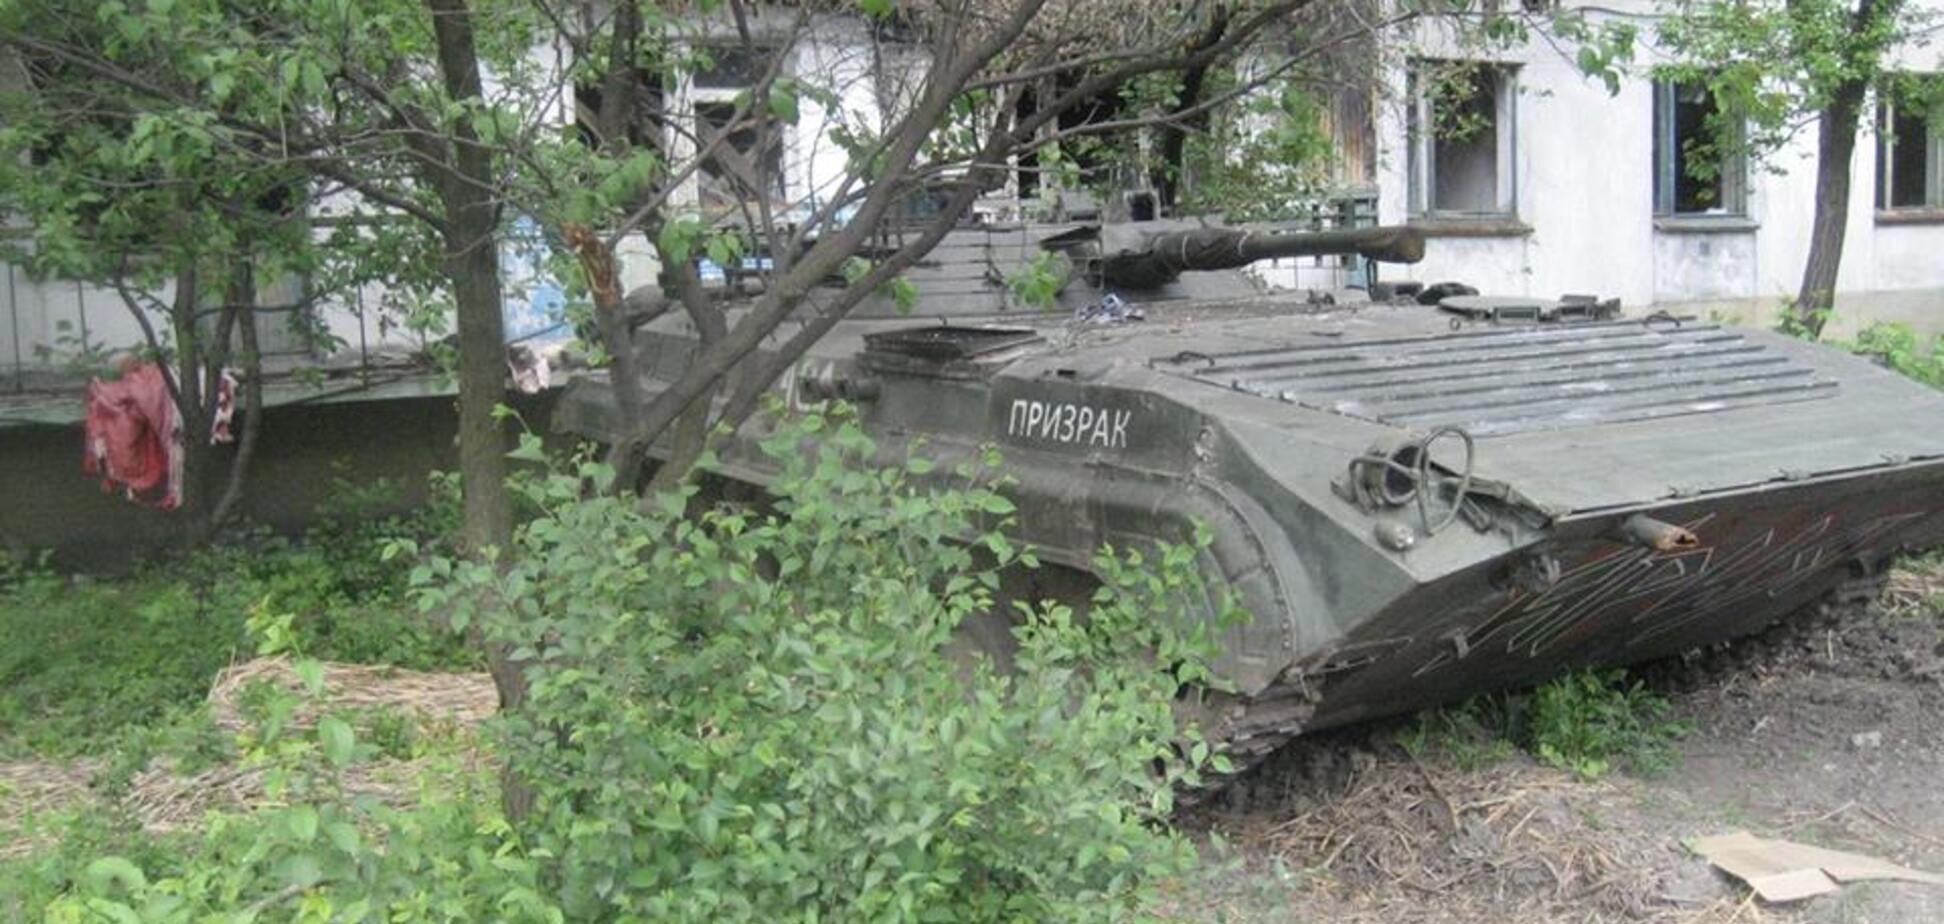 Вогонь з житлових кварталів: терористи 'ЛНР' повертаються до улюбленої тактики